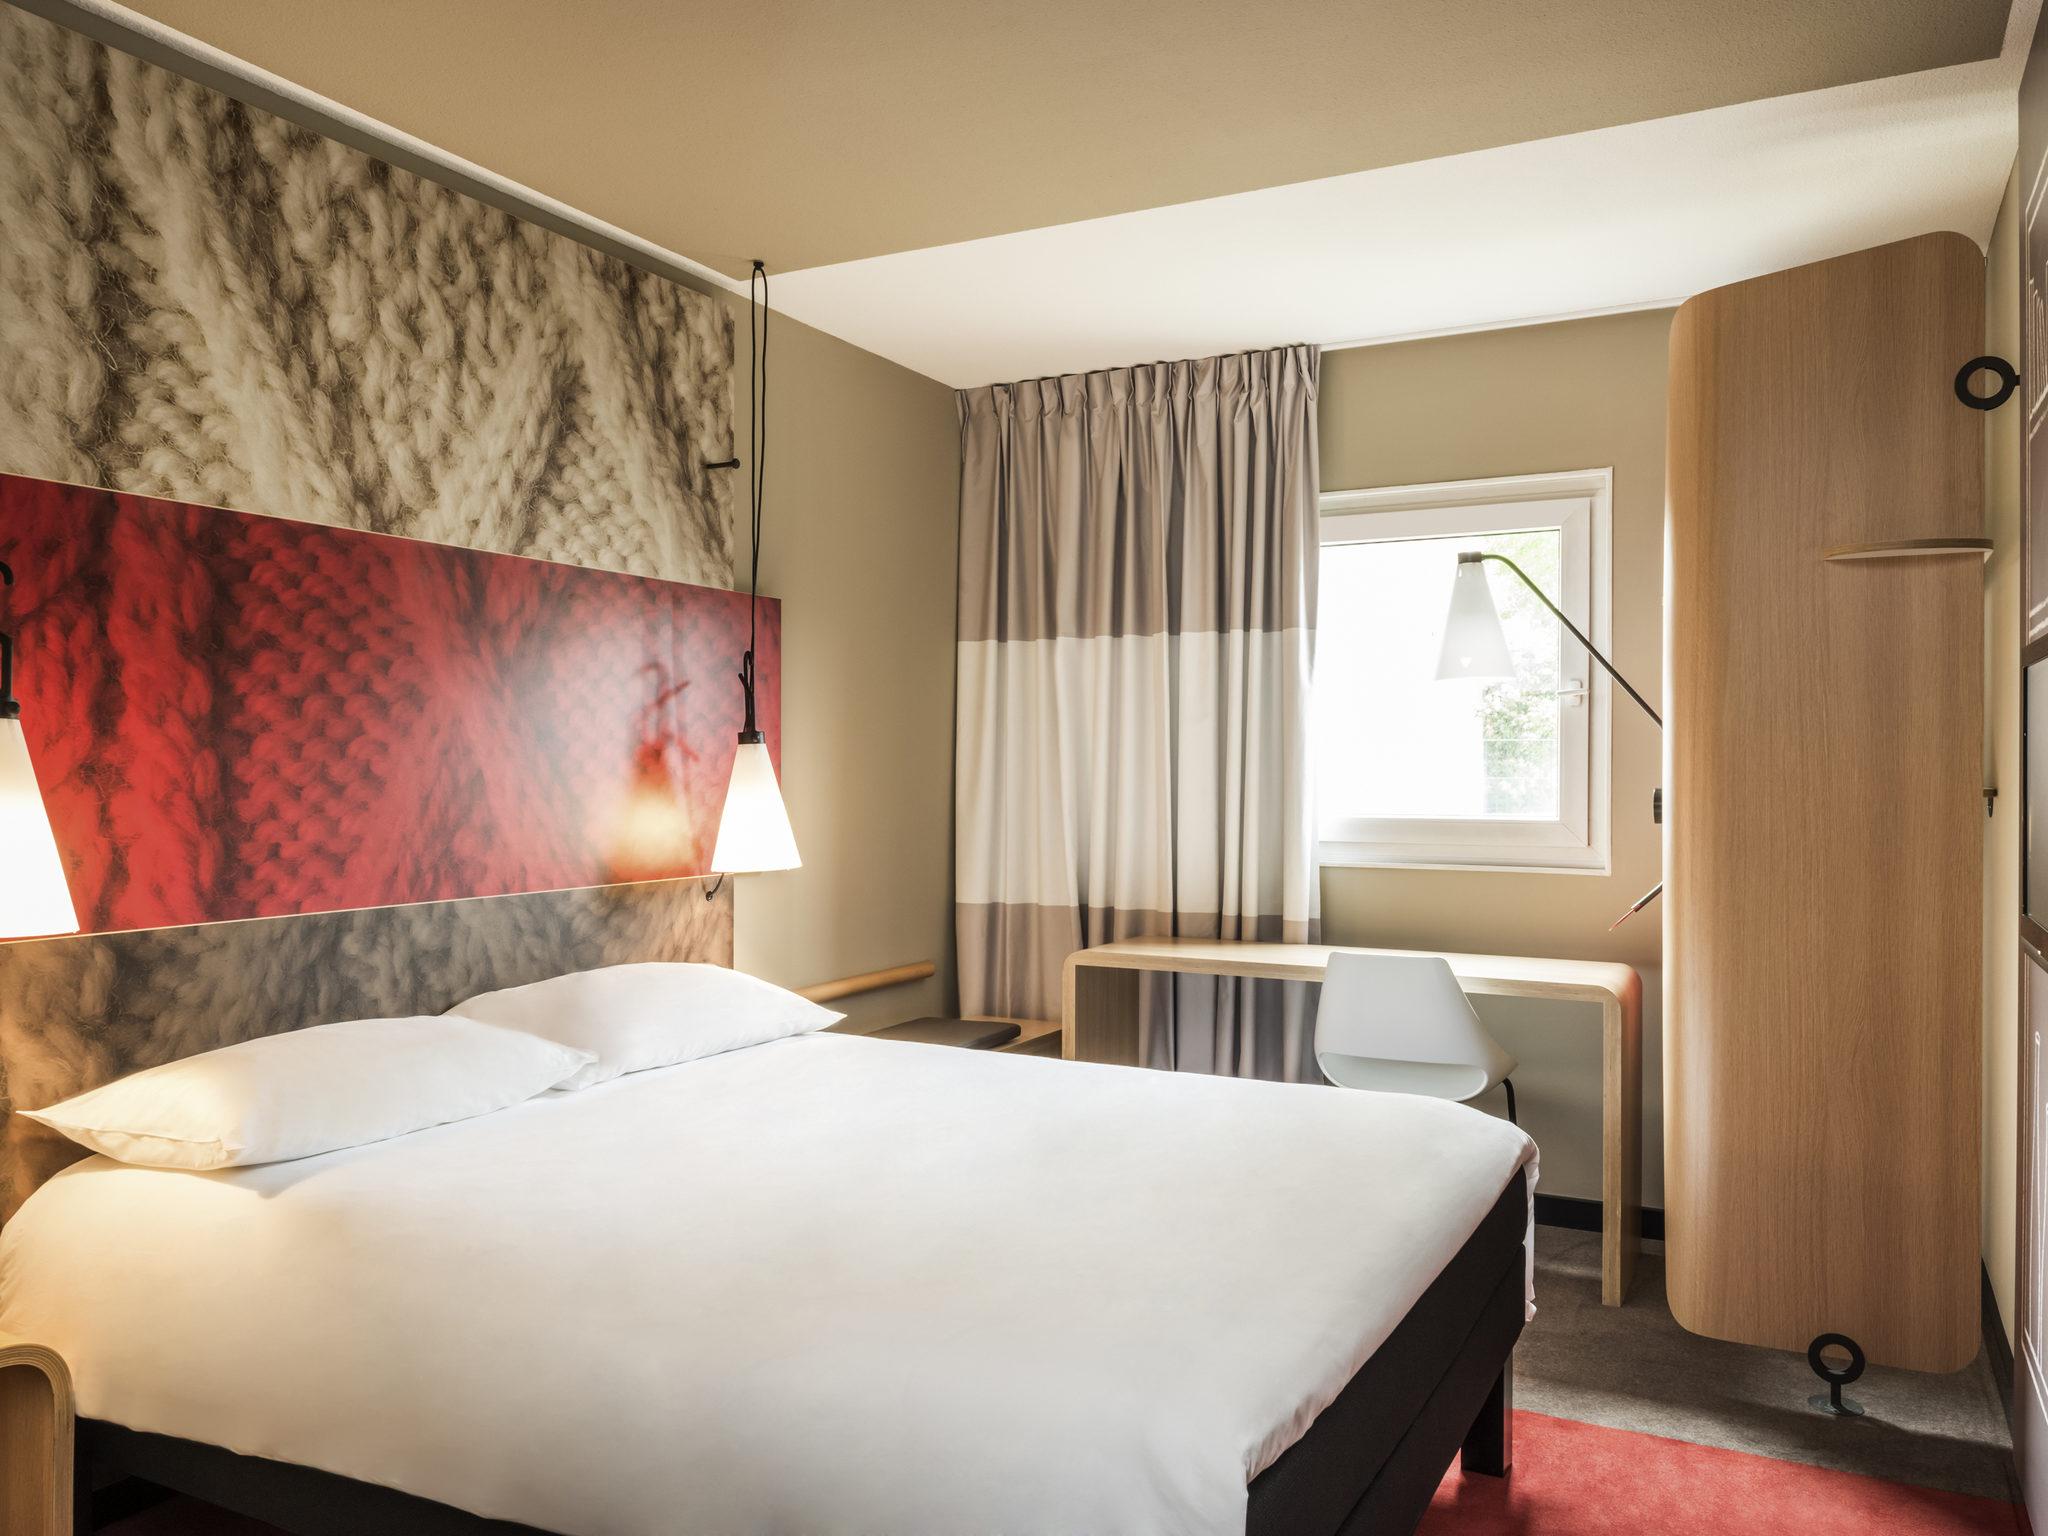 酒店 – 宜必思巴黎拉德芳斯库尔贝瓦